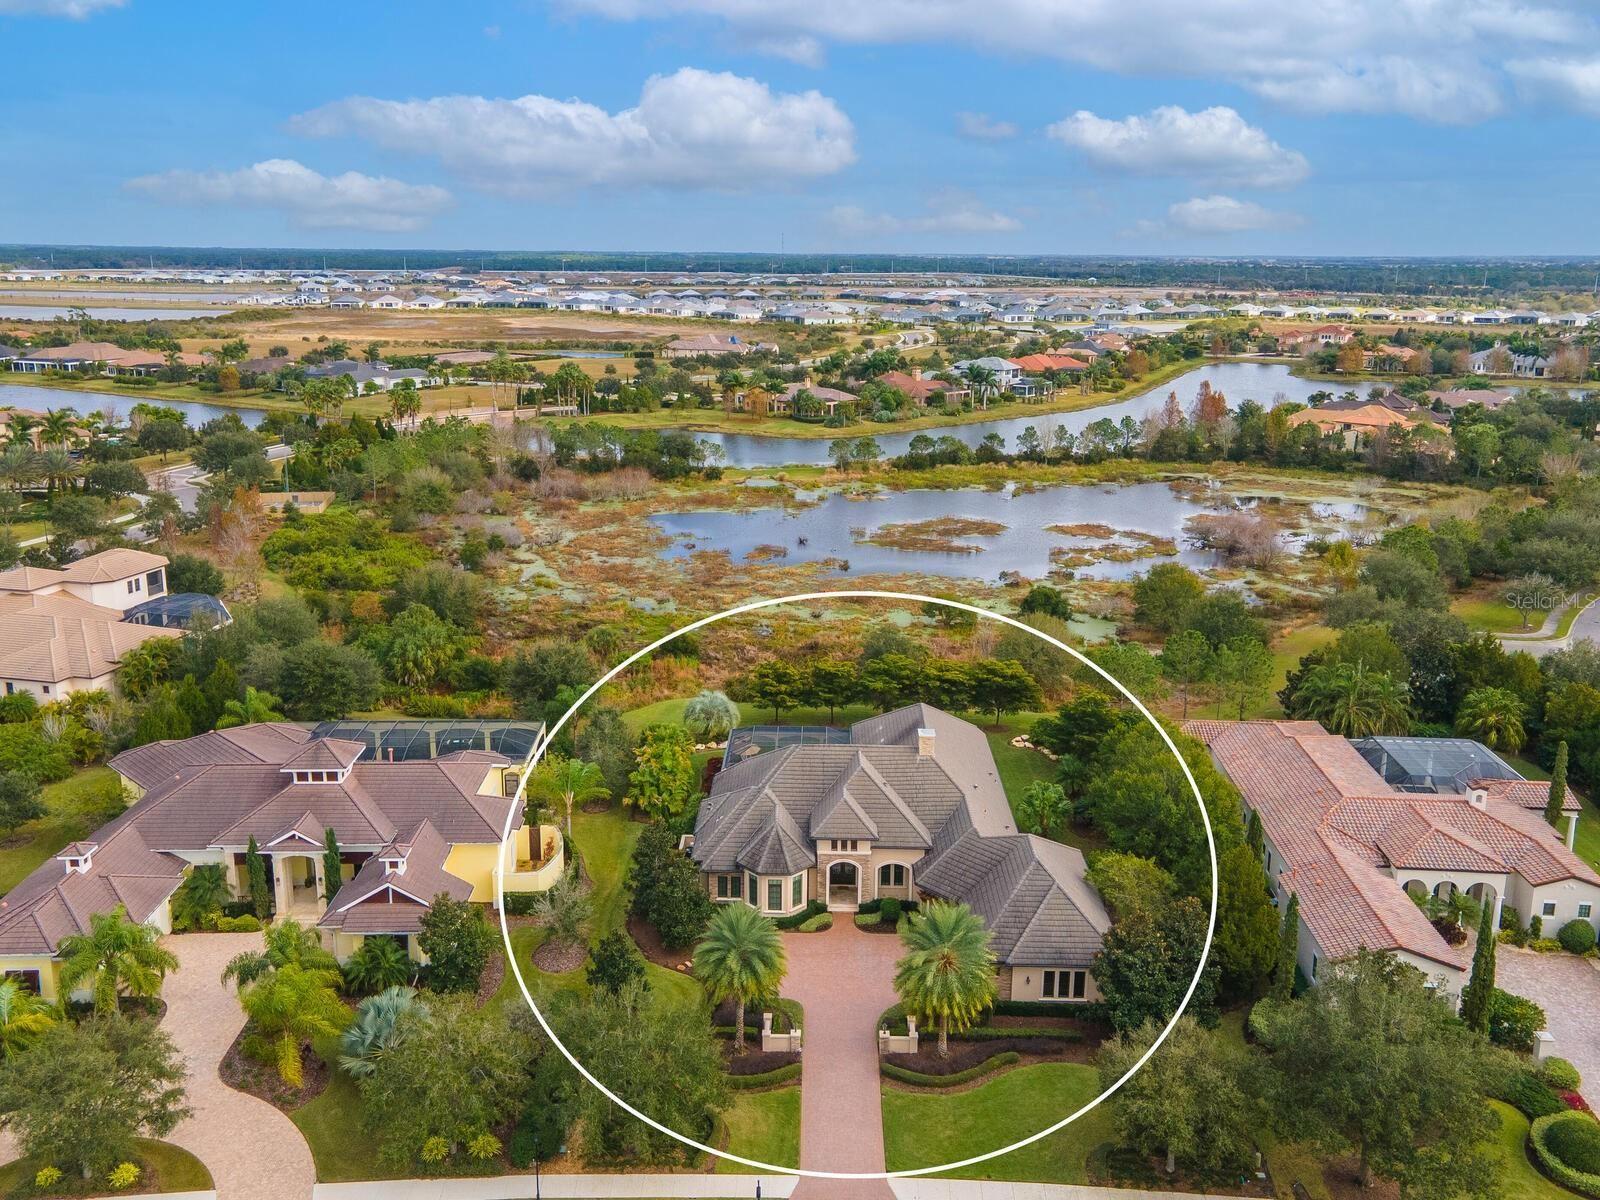 Photo of 8015 BOUNTY LANE, LAKEWOOD RANCH, FL 34202 (MLS # A4502454)